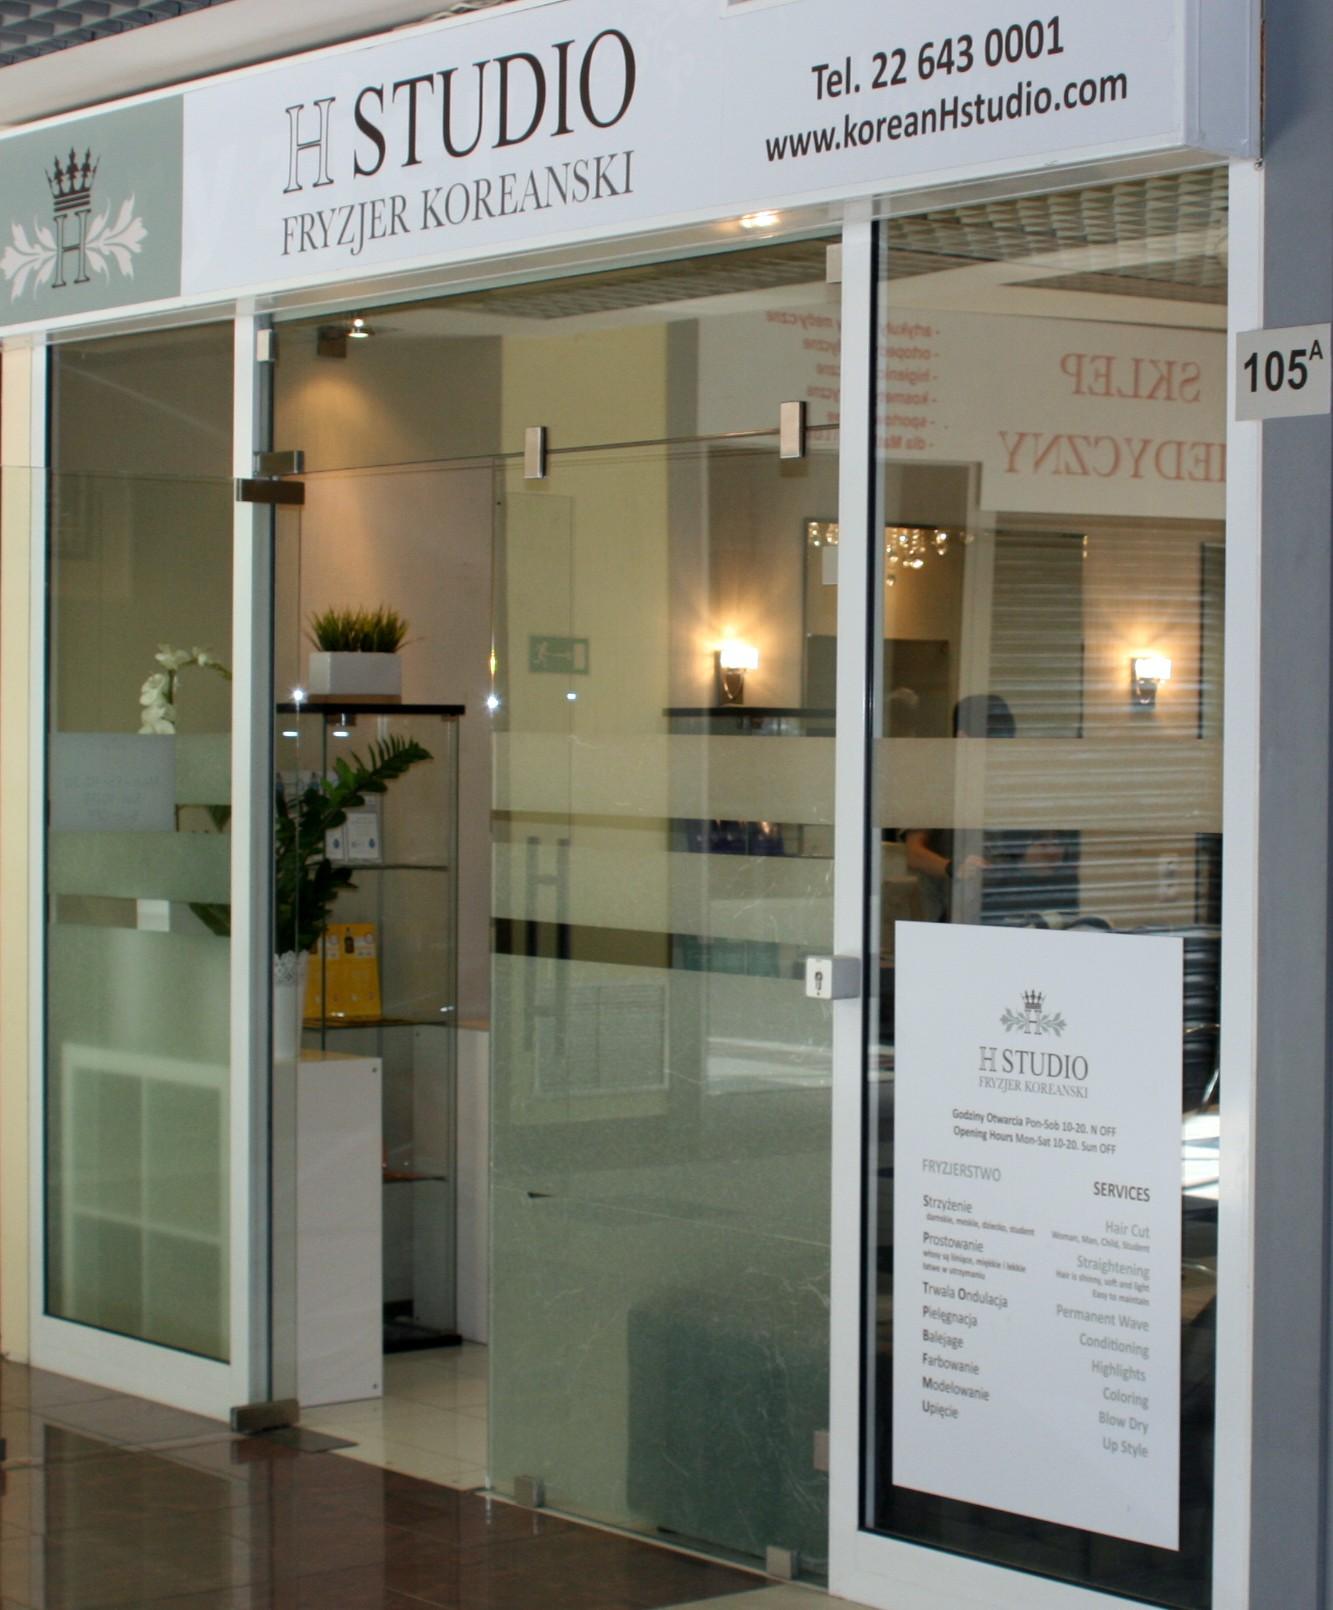 H Studio Galeria Ursynów Fryzjer Koreański Ursynówazpl Firma